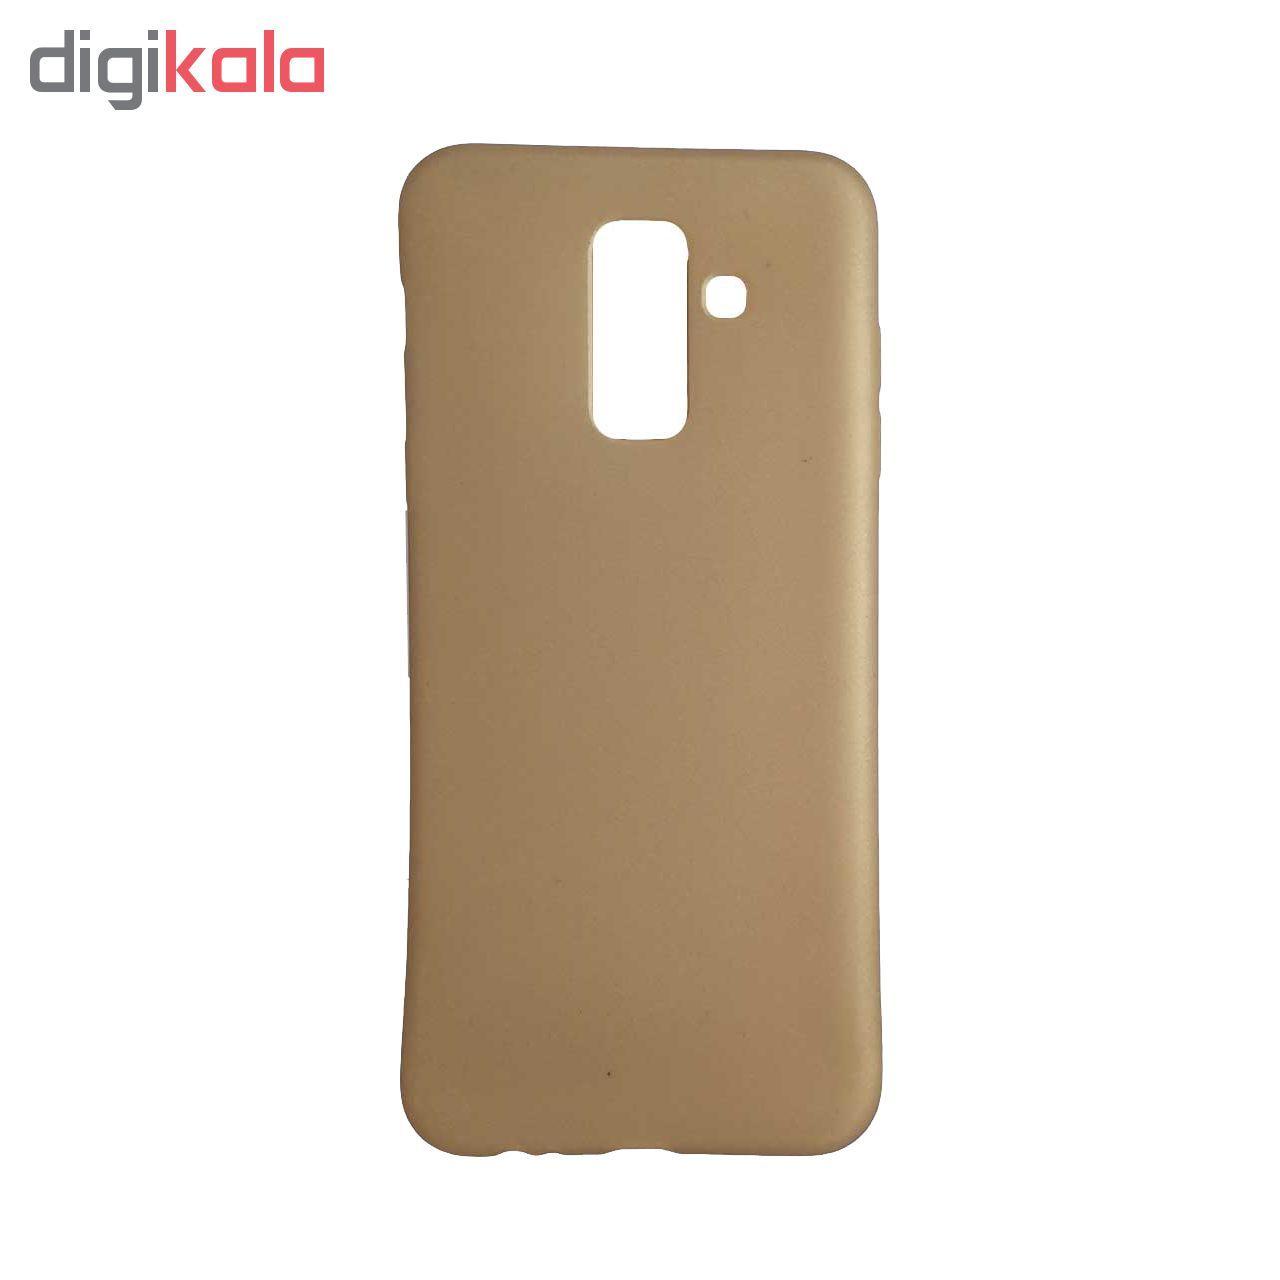 کاور ایبیزا مدل remx-45 مناسب برای گوشی موبایل سامسونگ Galaxy A6 plus 2018 main 1 3